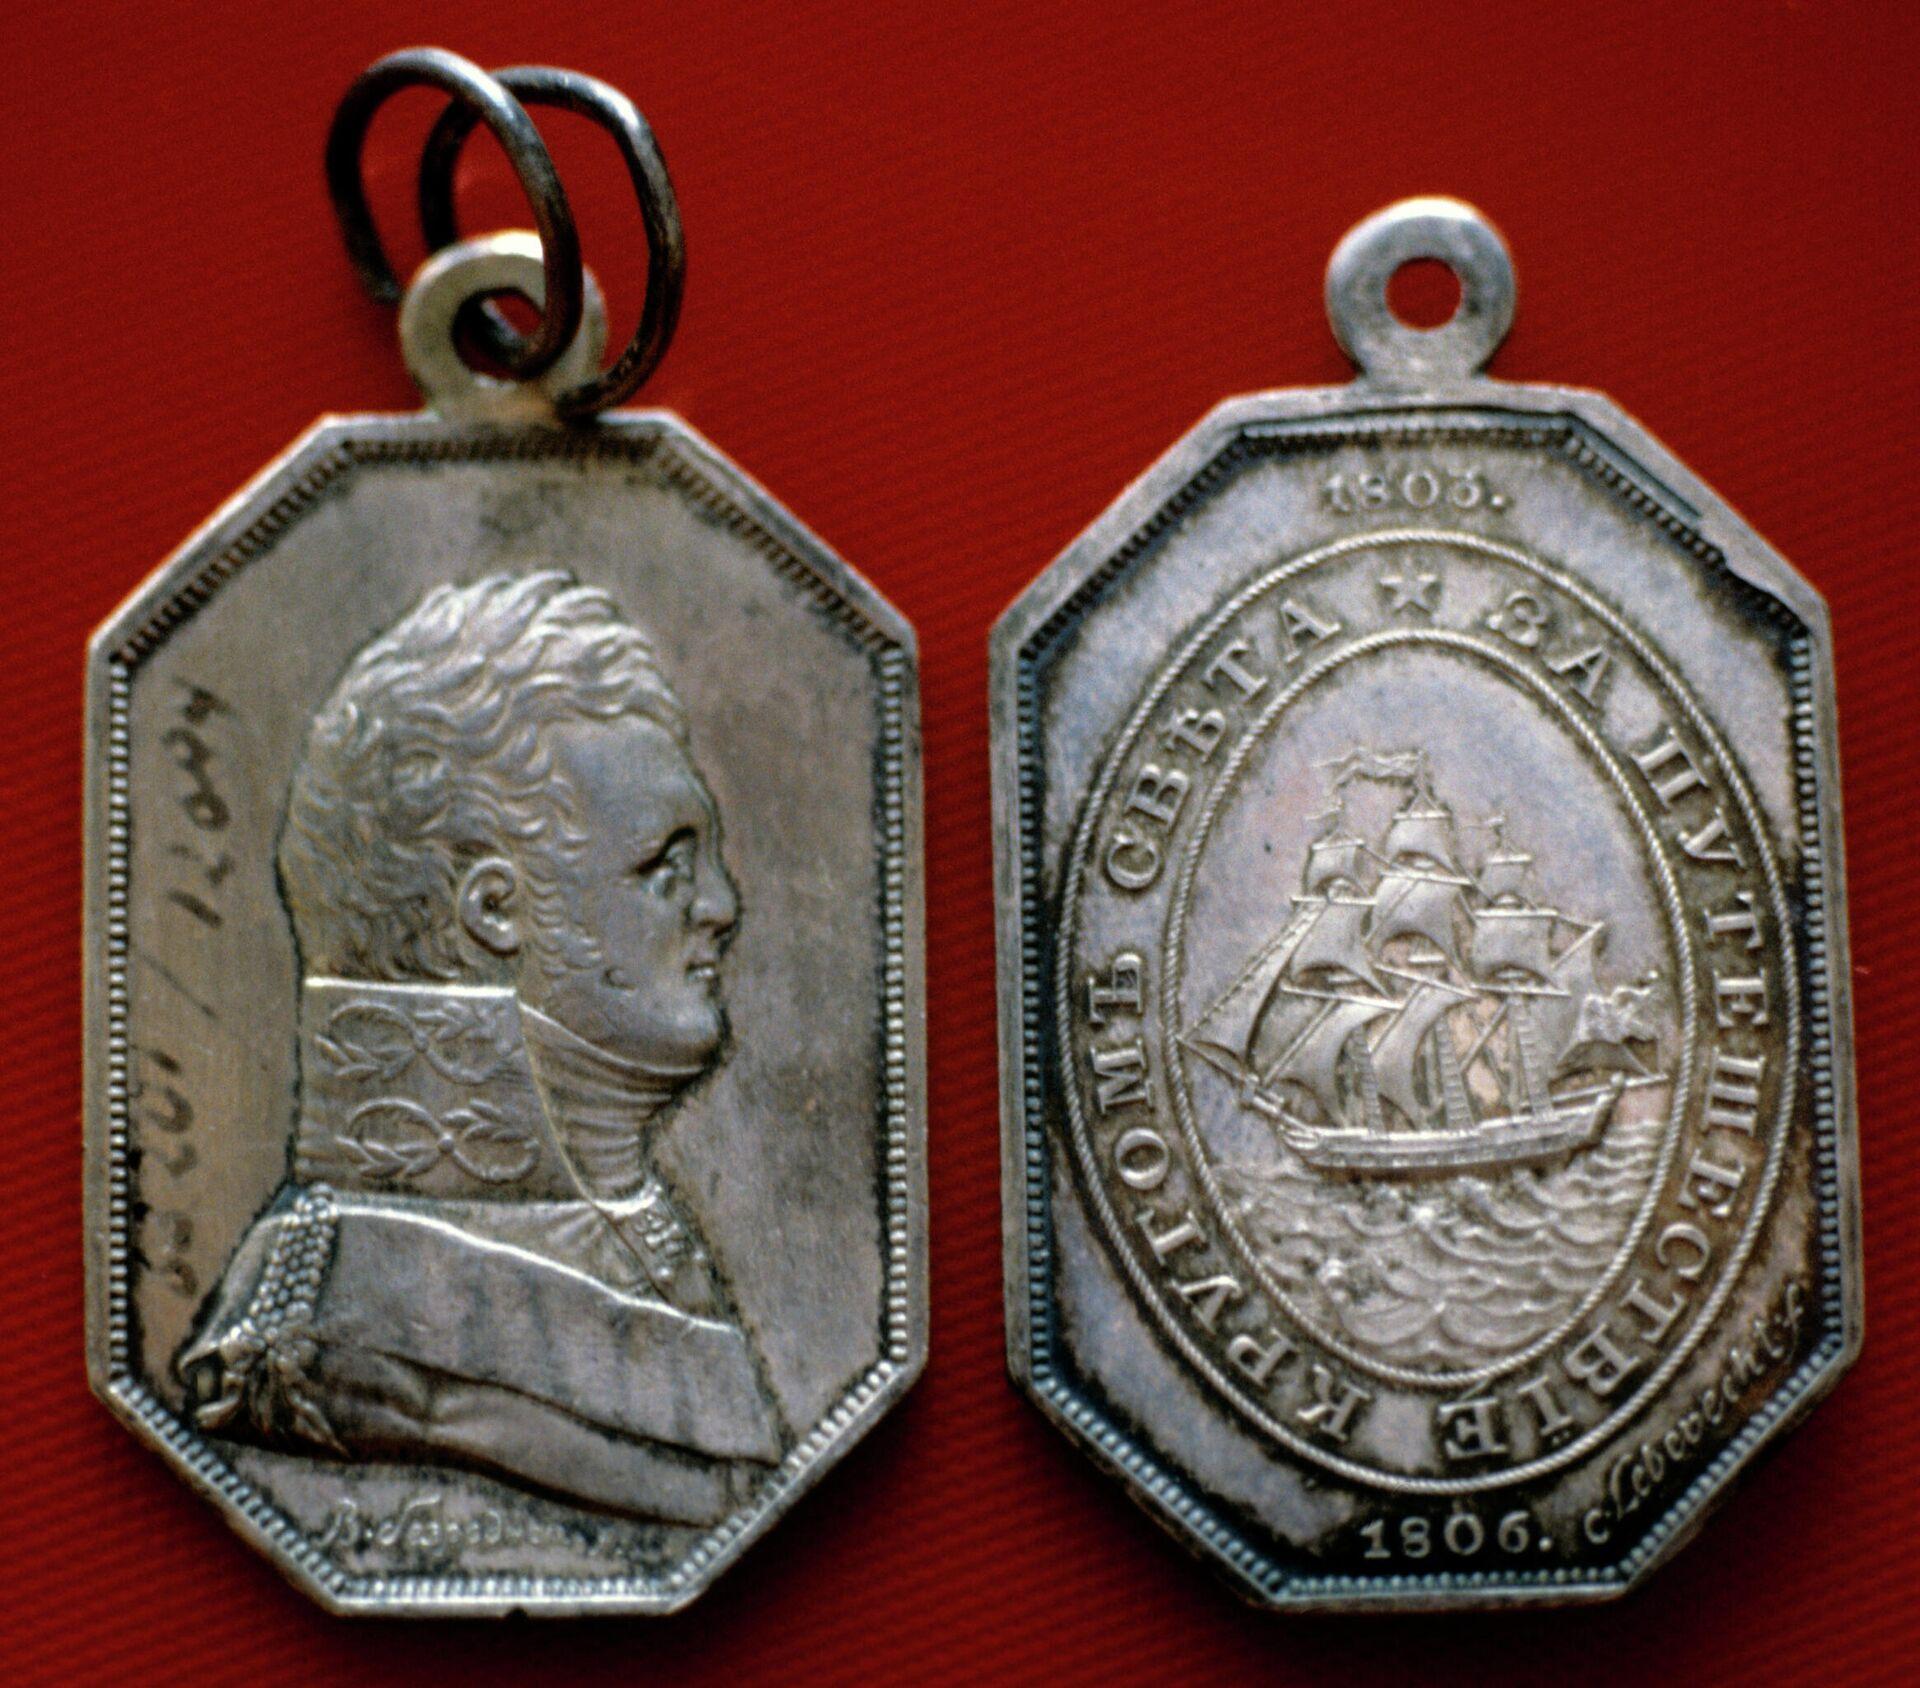 Медаль для участников первого кругосветного плавания - РИА Новости, 1920, 08.11.2020